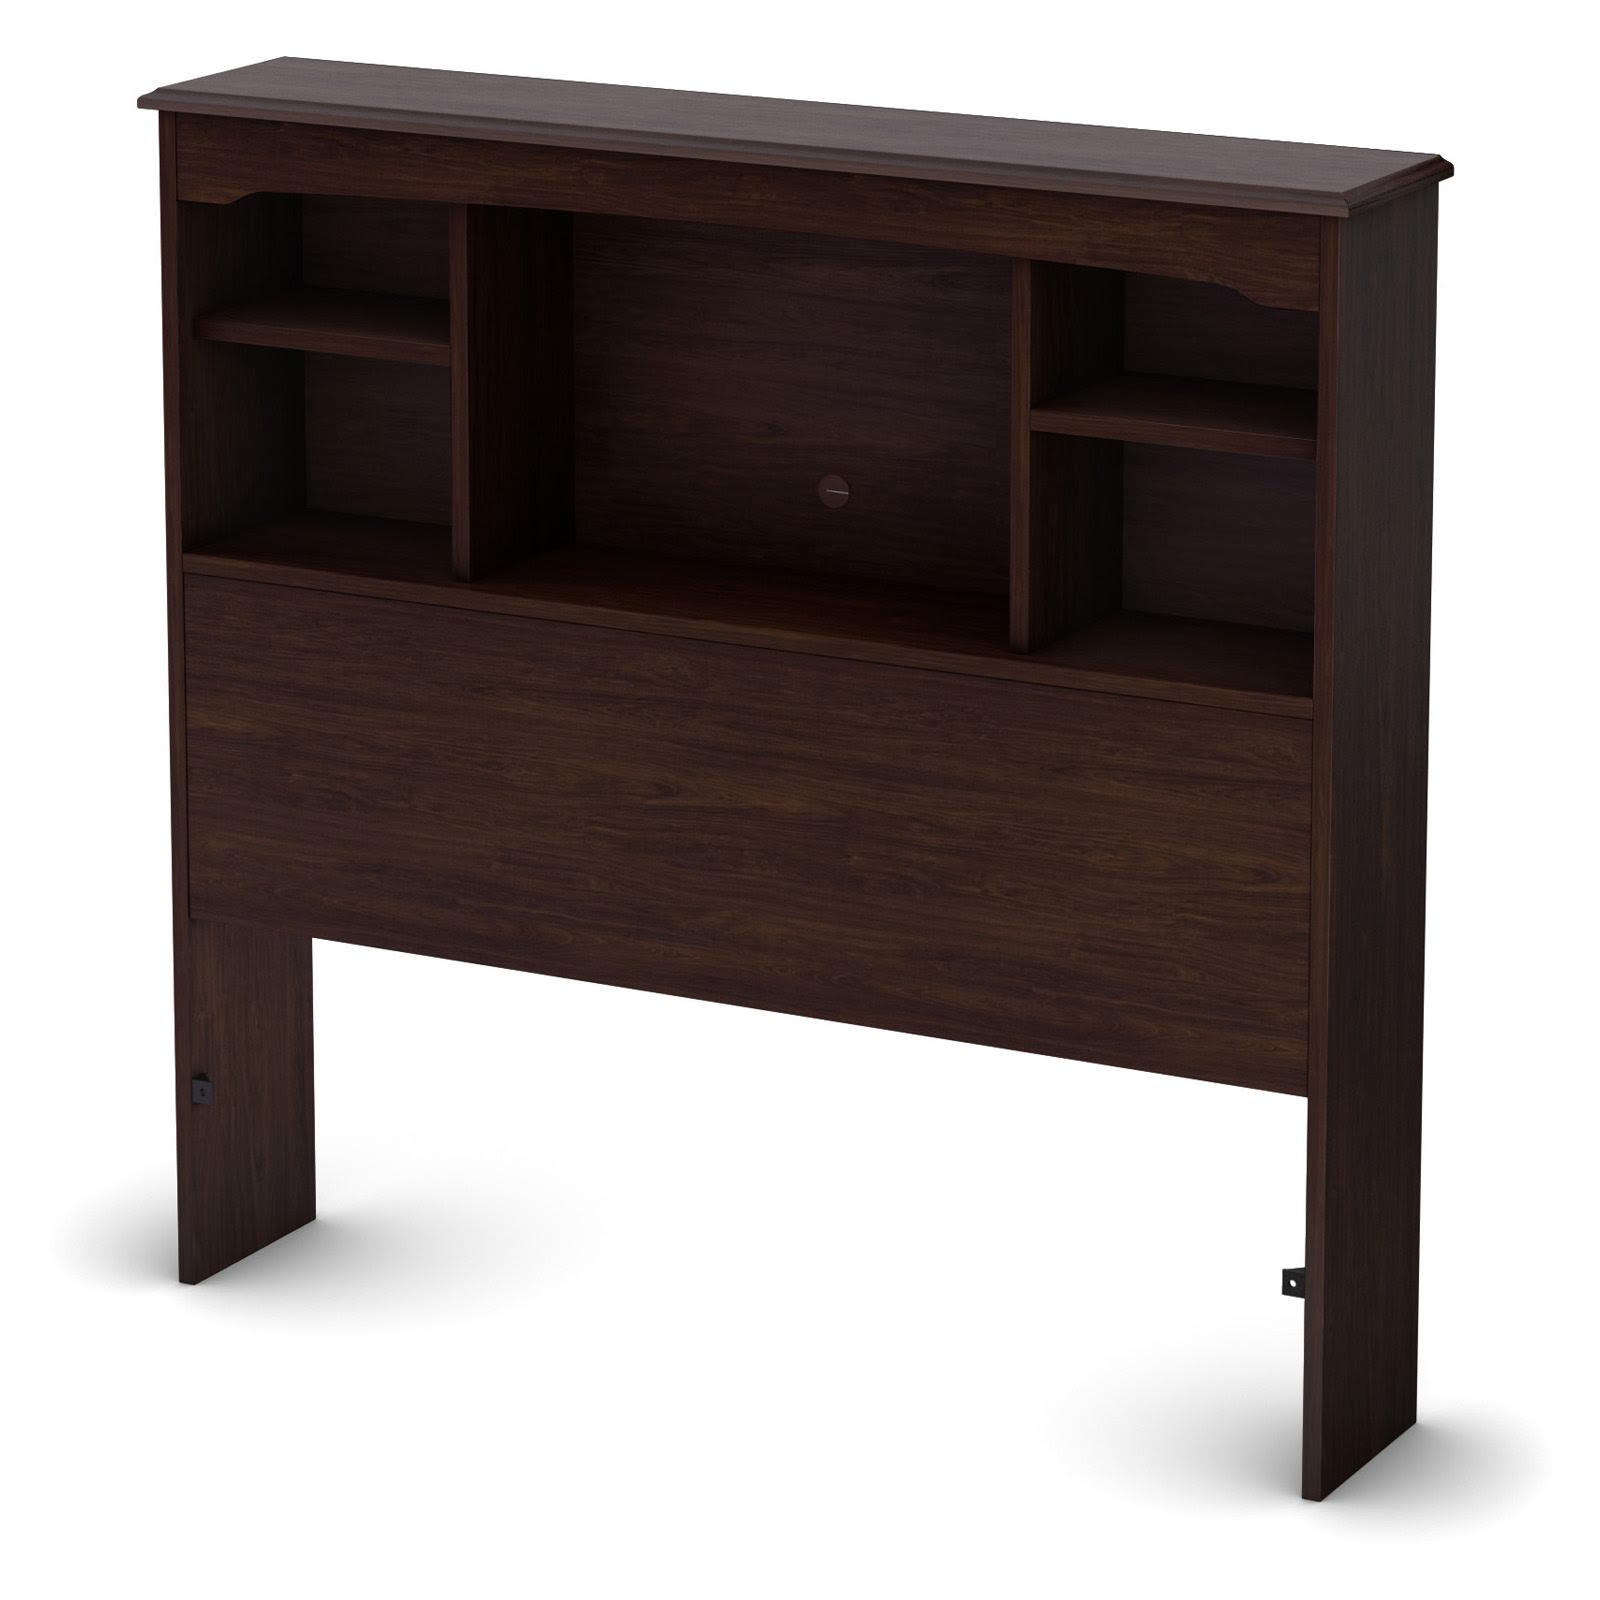 Kids Platform Beds for Sale | Shop Hayneedle Kids Furniture